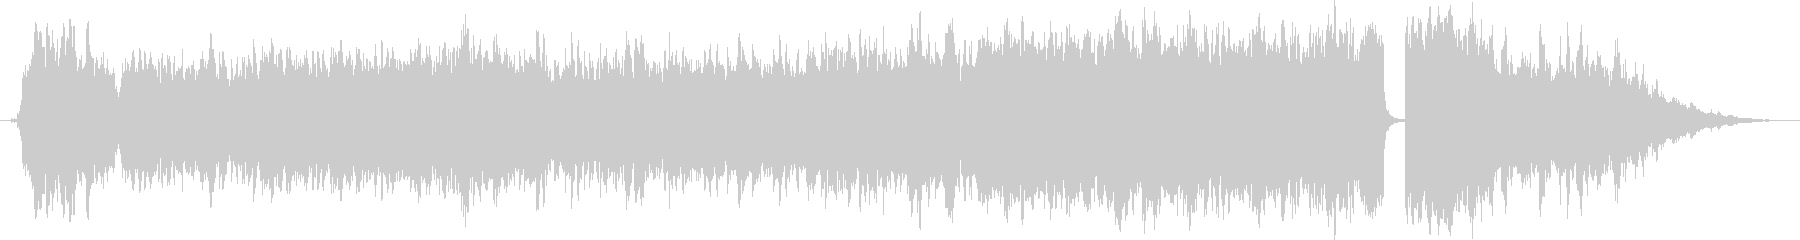 サイレントナイト〜アレンジ〜の未再生の波形